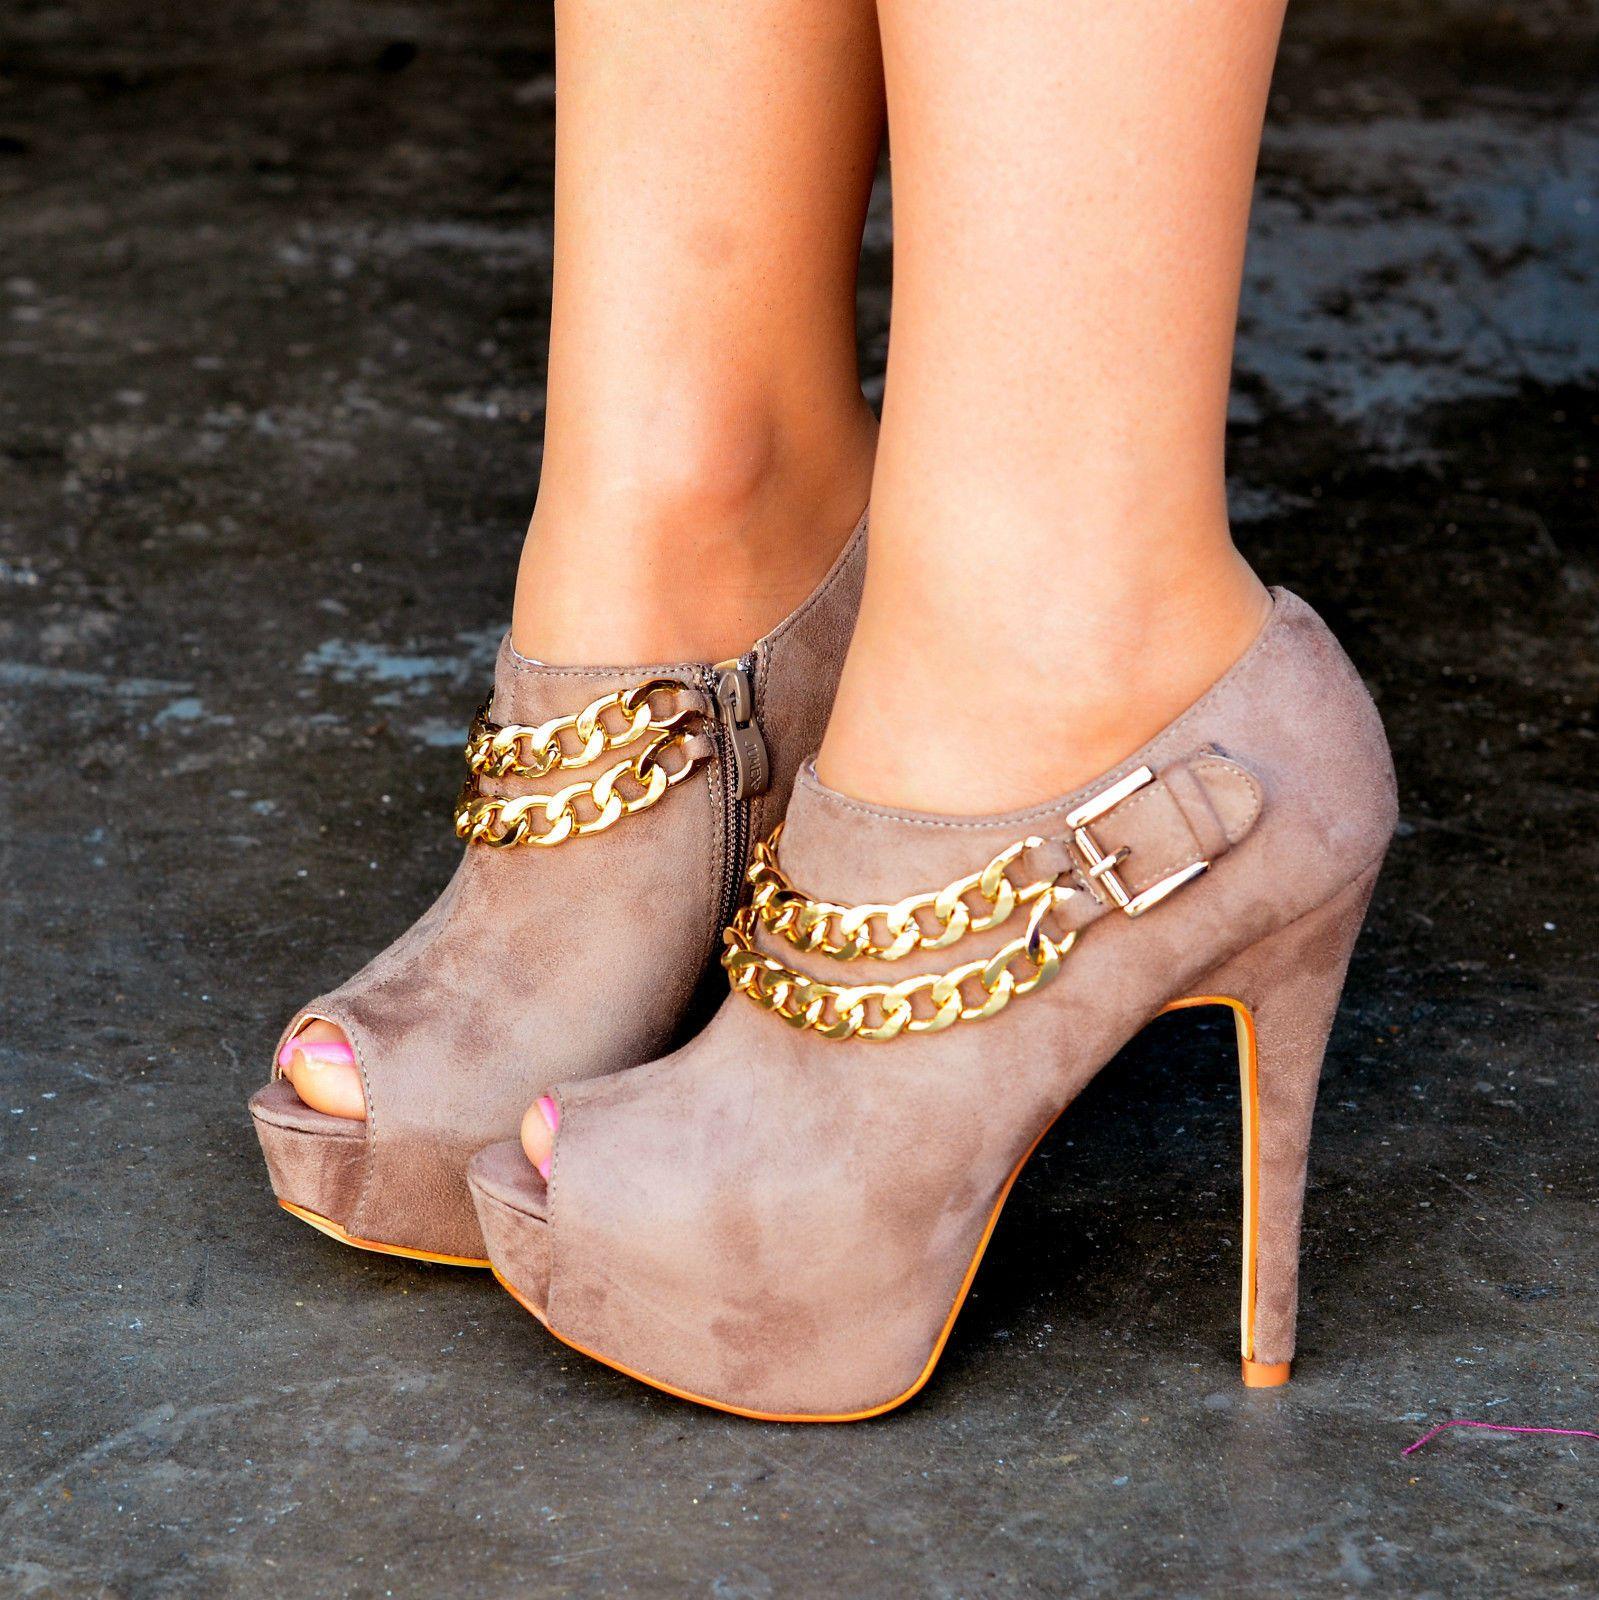 d9ab091efbe Mujer Dorado cadenas Botas De Plataforma zapatos punta abierta Botines